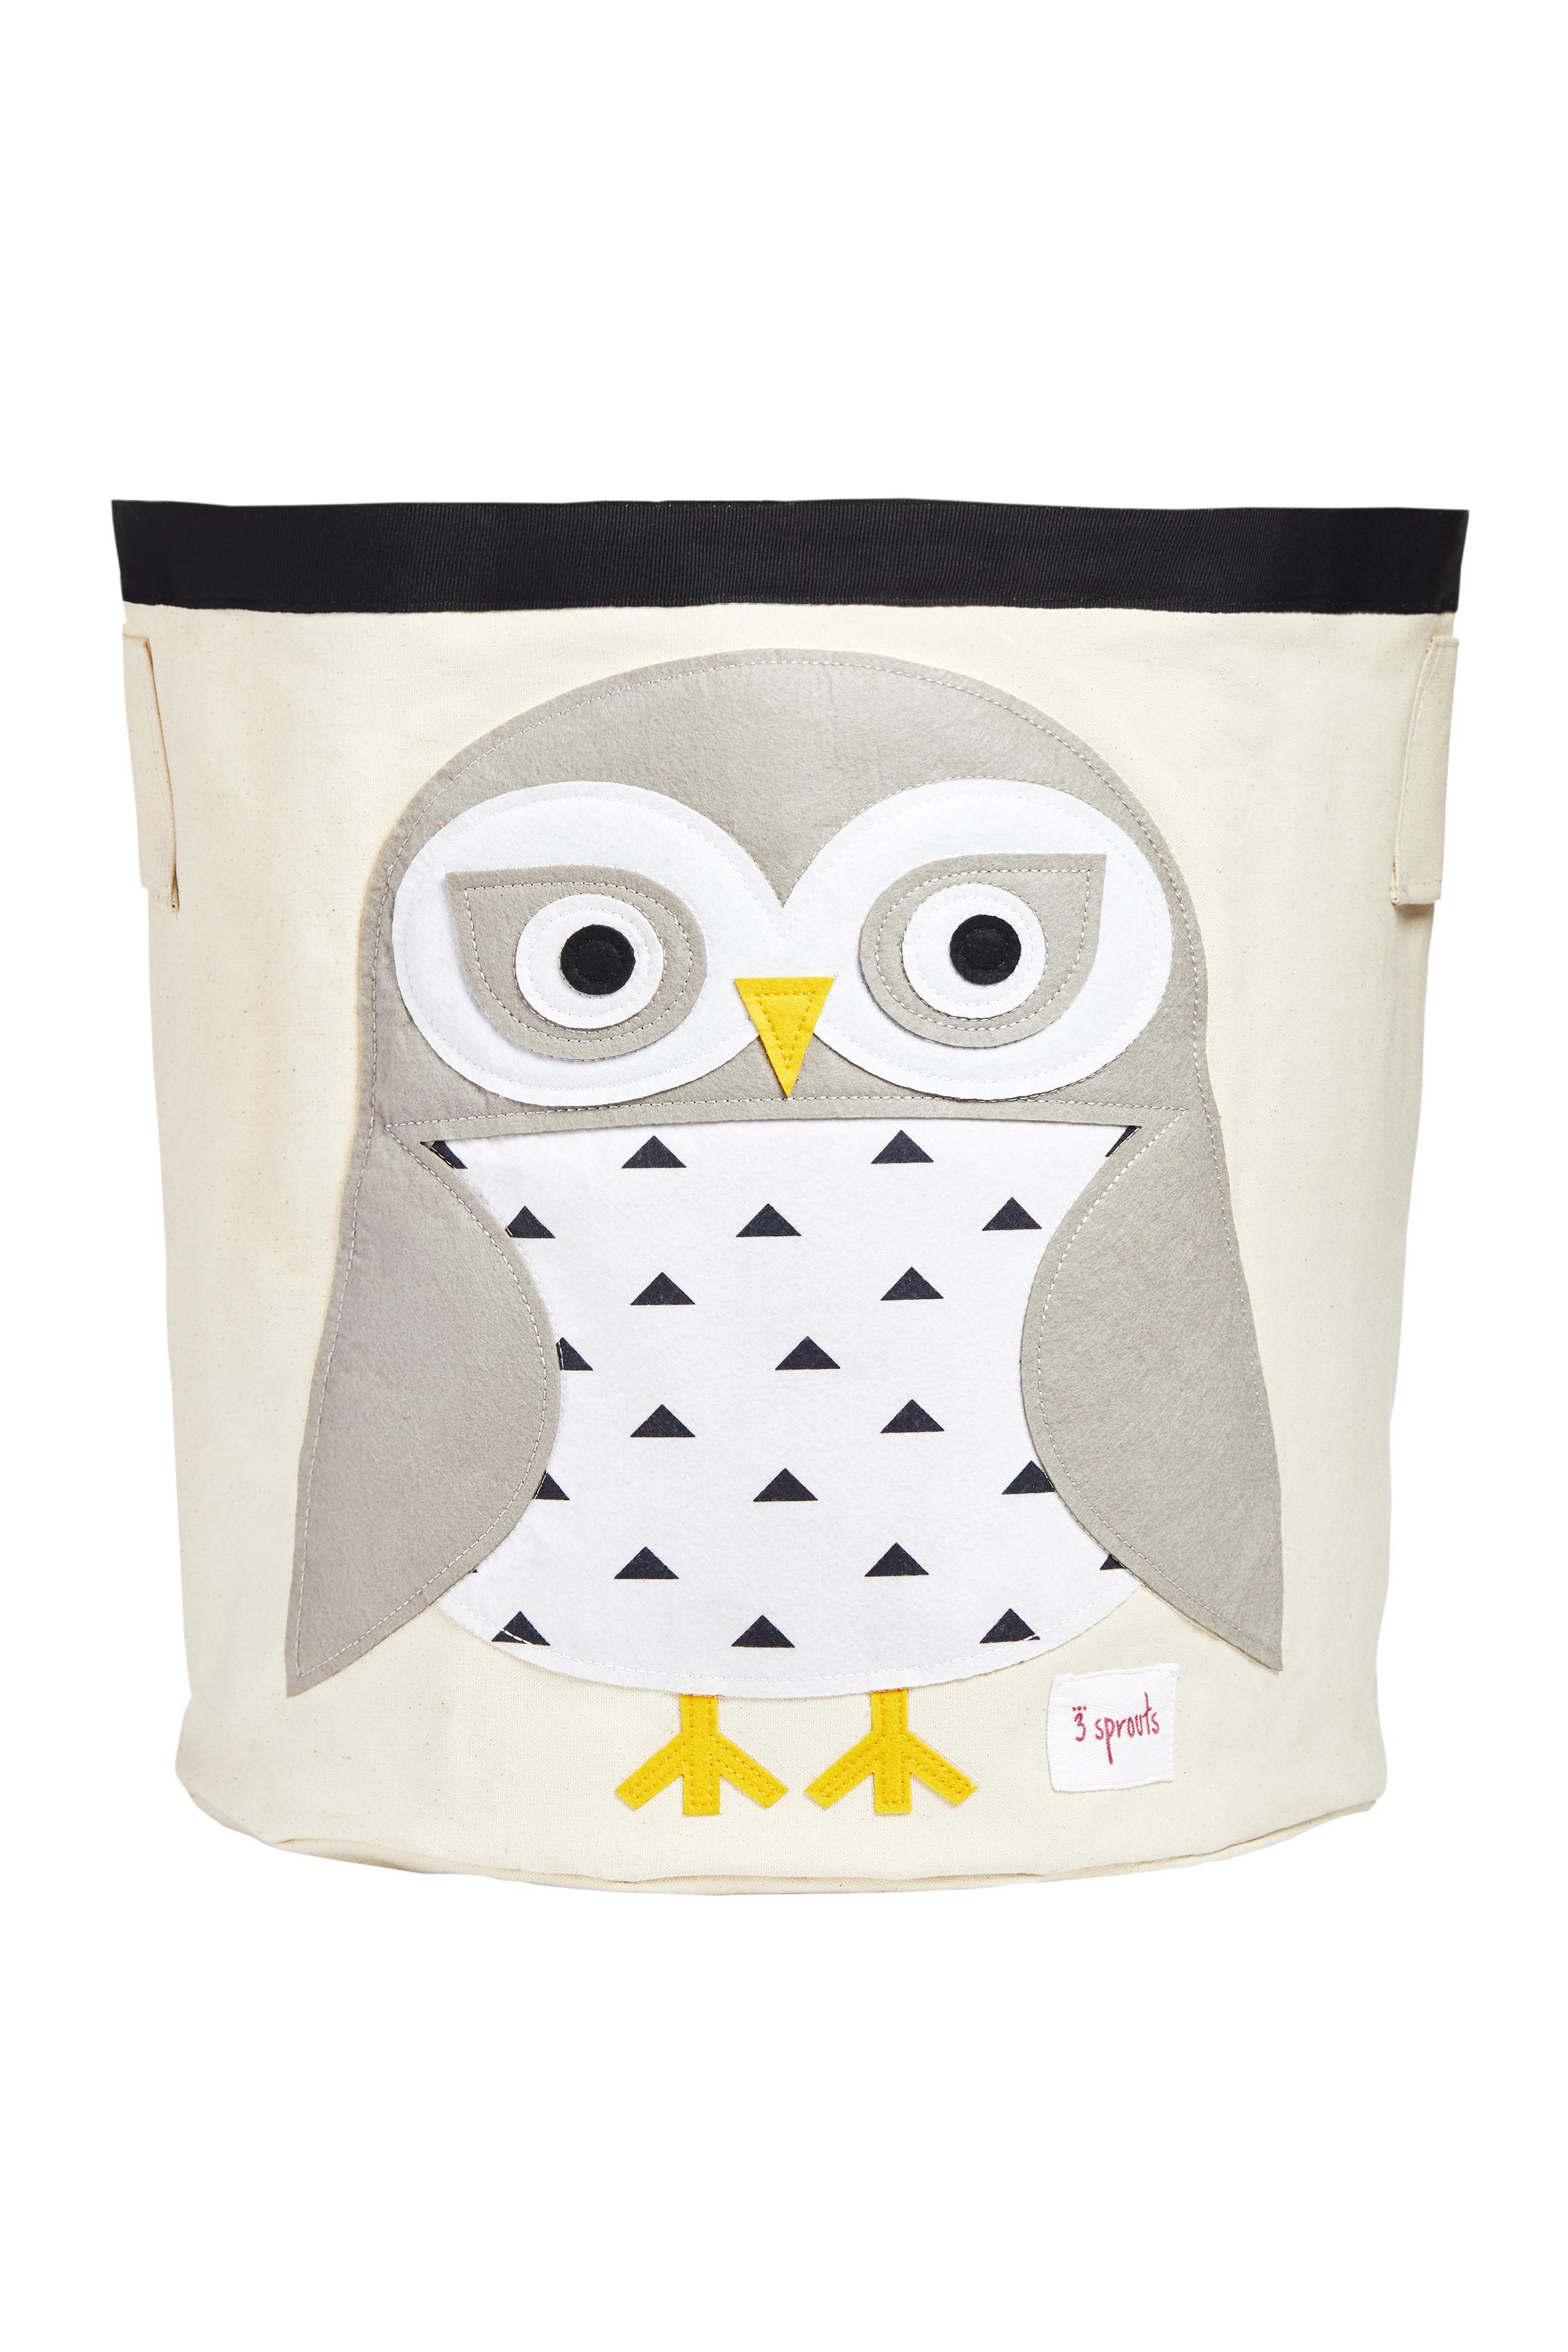 Ящики и корзины для игрушек 3 Sprouts Корзина для хранения 3 Sprouts Snowy Owl